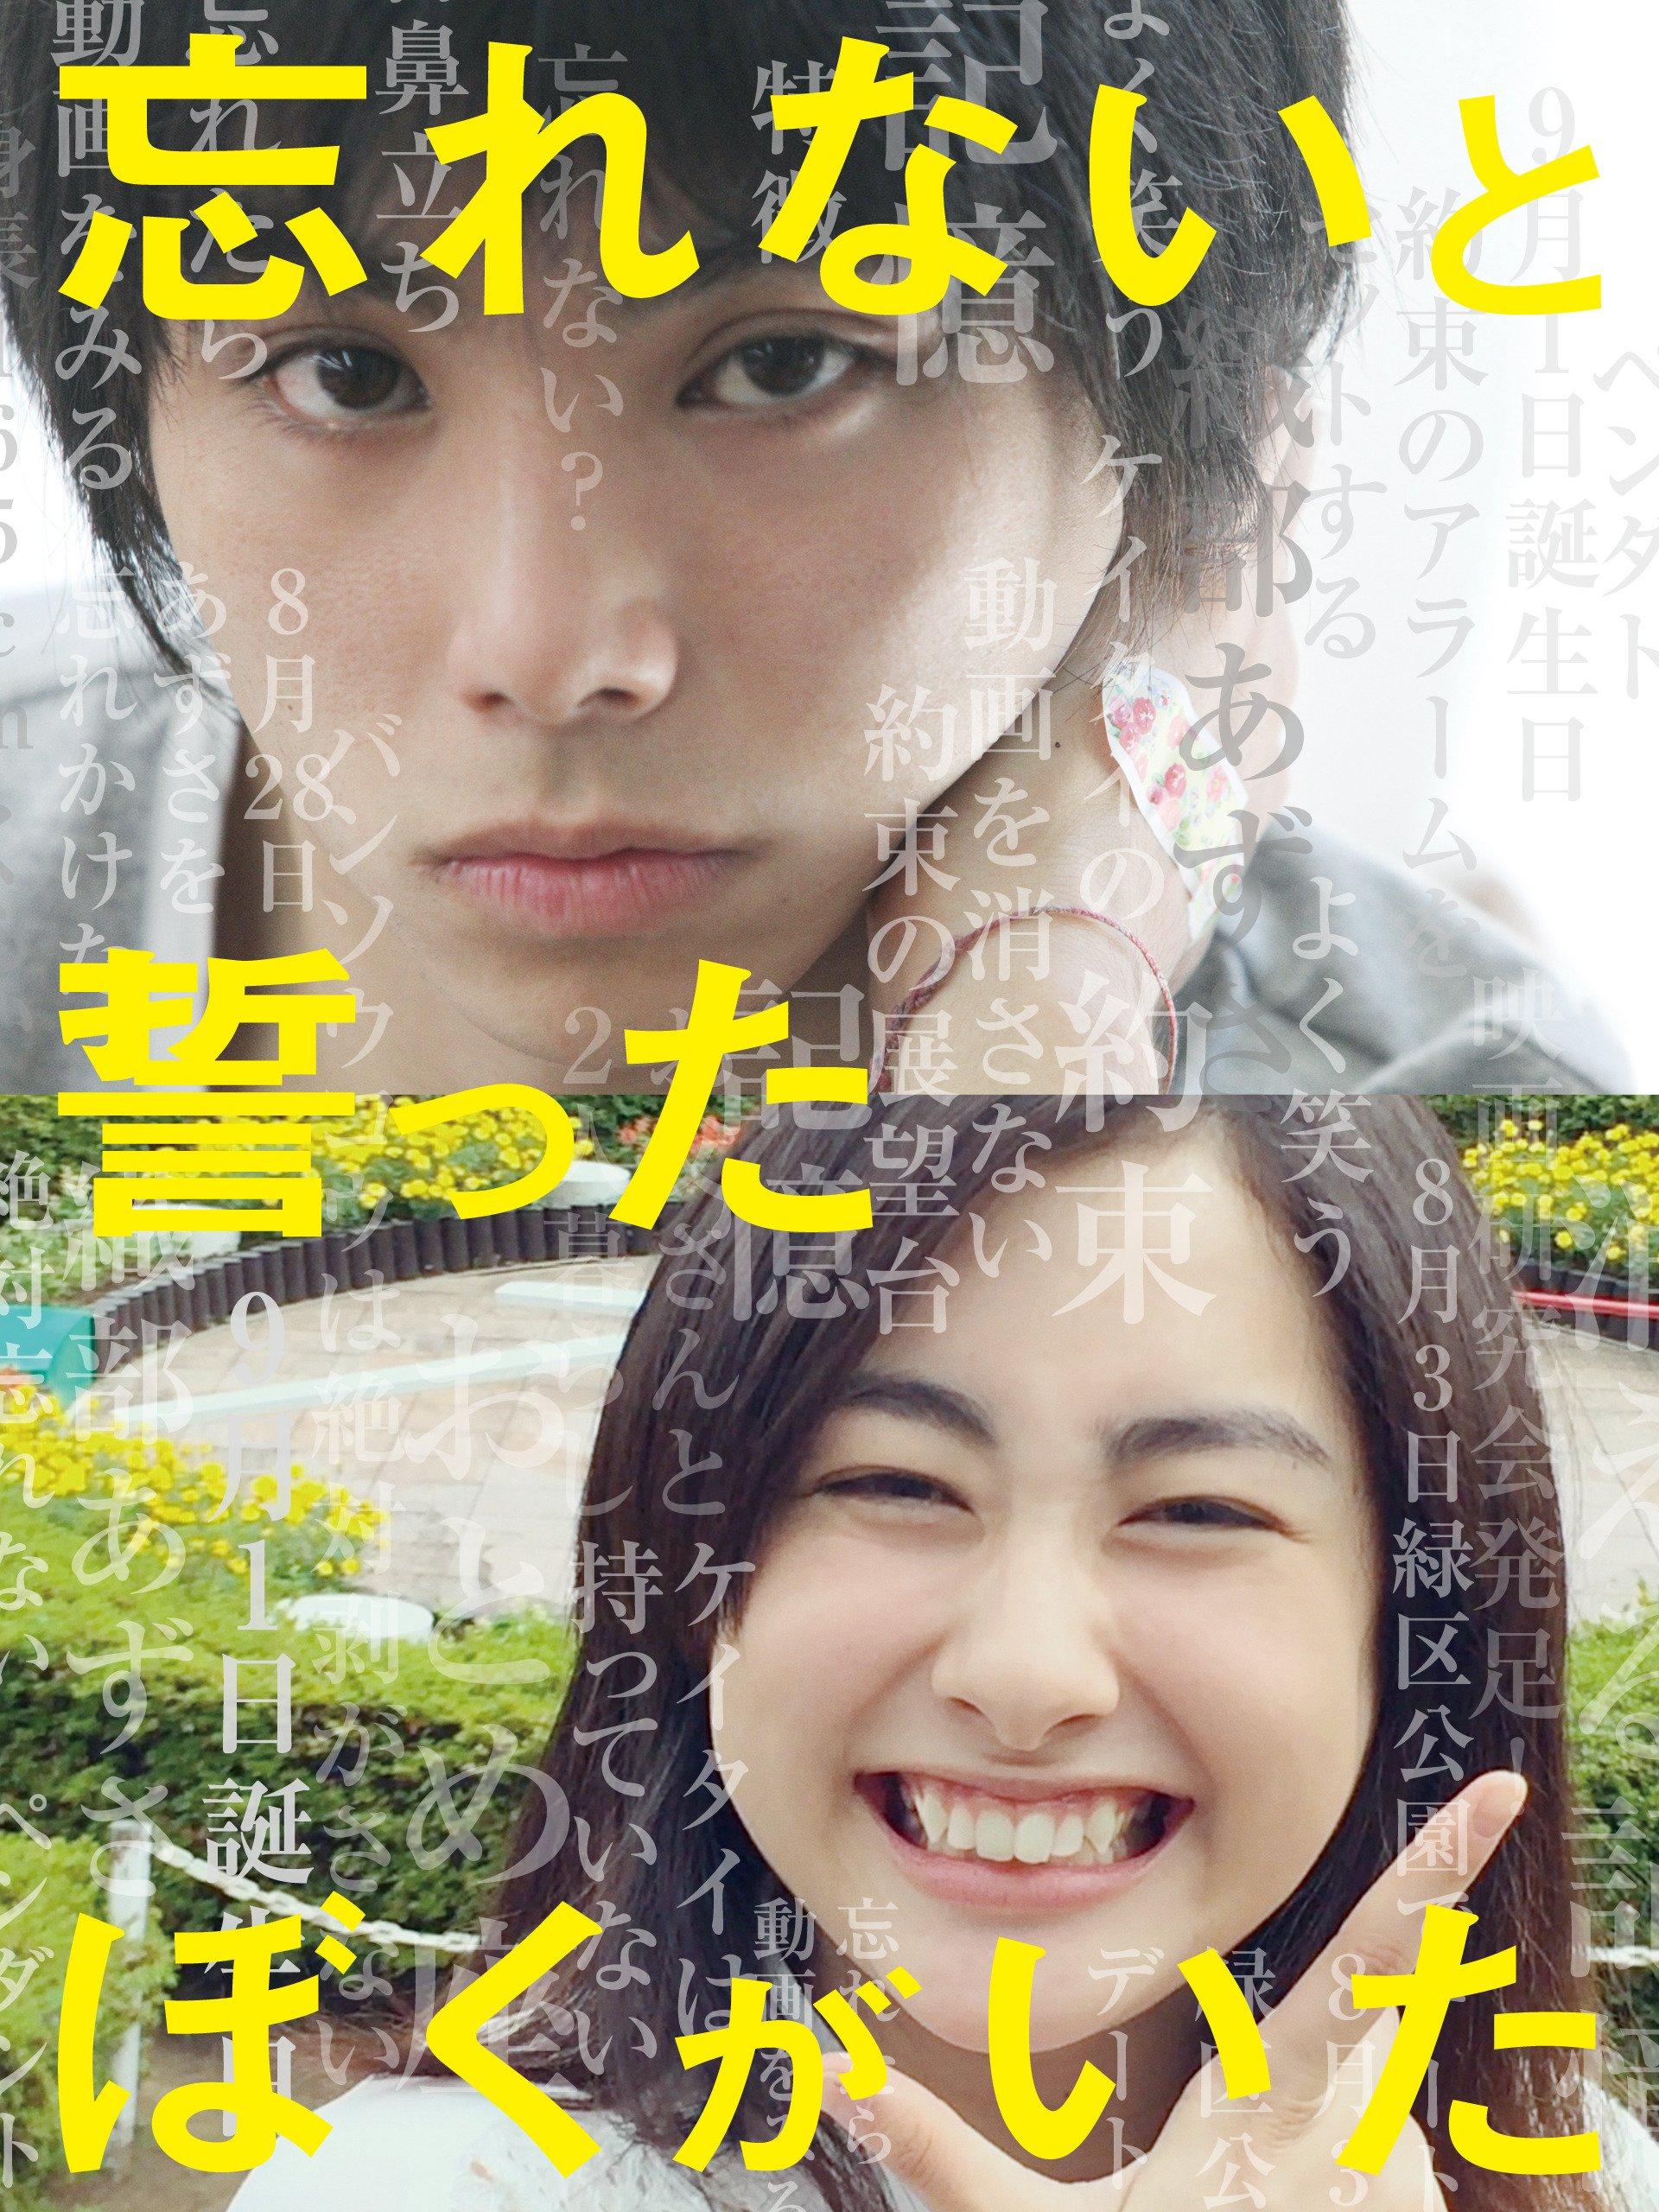 映画「忘れないと誓ったぼくがいた」のネタバレ&あらすじと結末を徹底解説 堀江慶